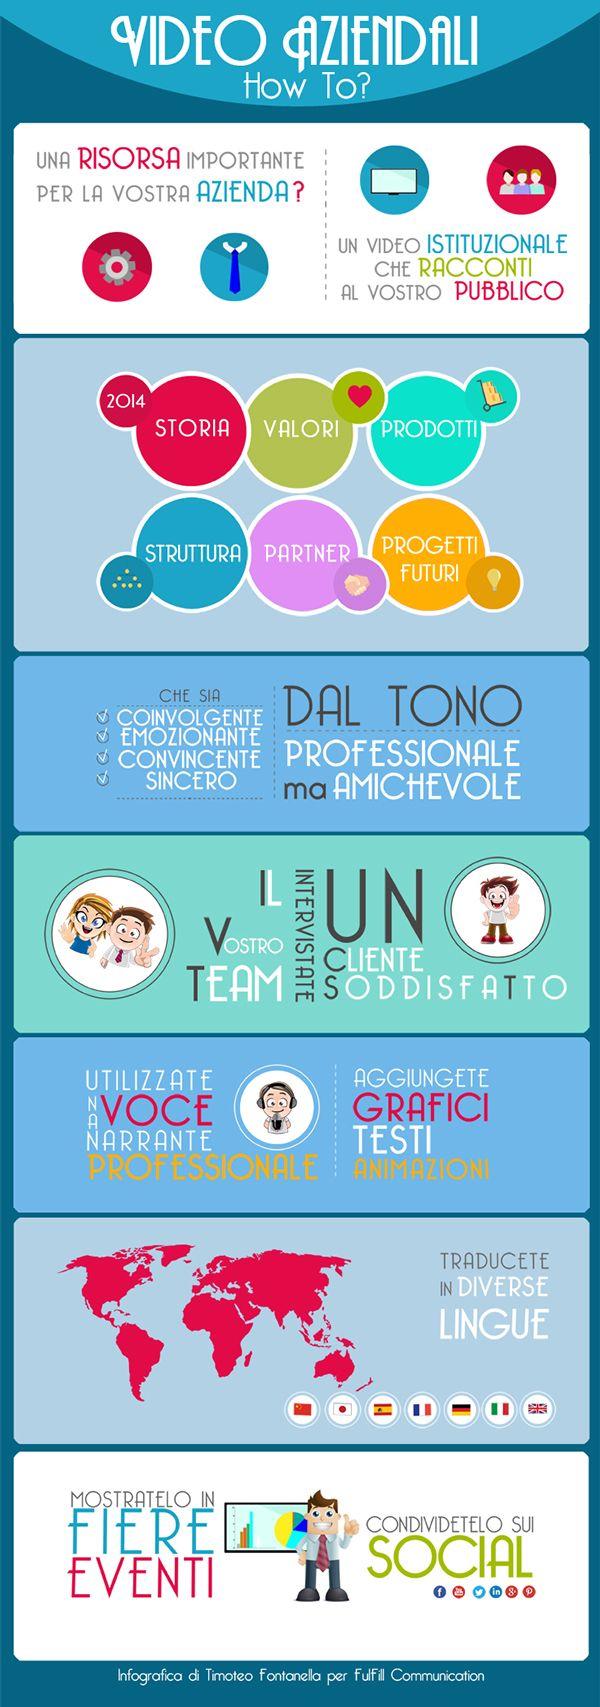 Come realizzare un video aziendale efficace? Alcuni pratici consigli nell'infografica di TImoteo Fontanella, realizzata per FulFill Communication.